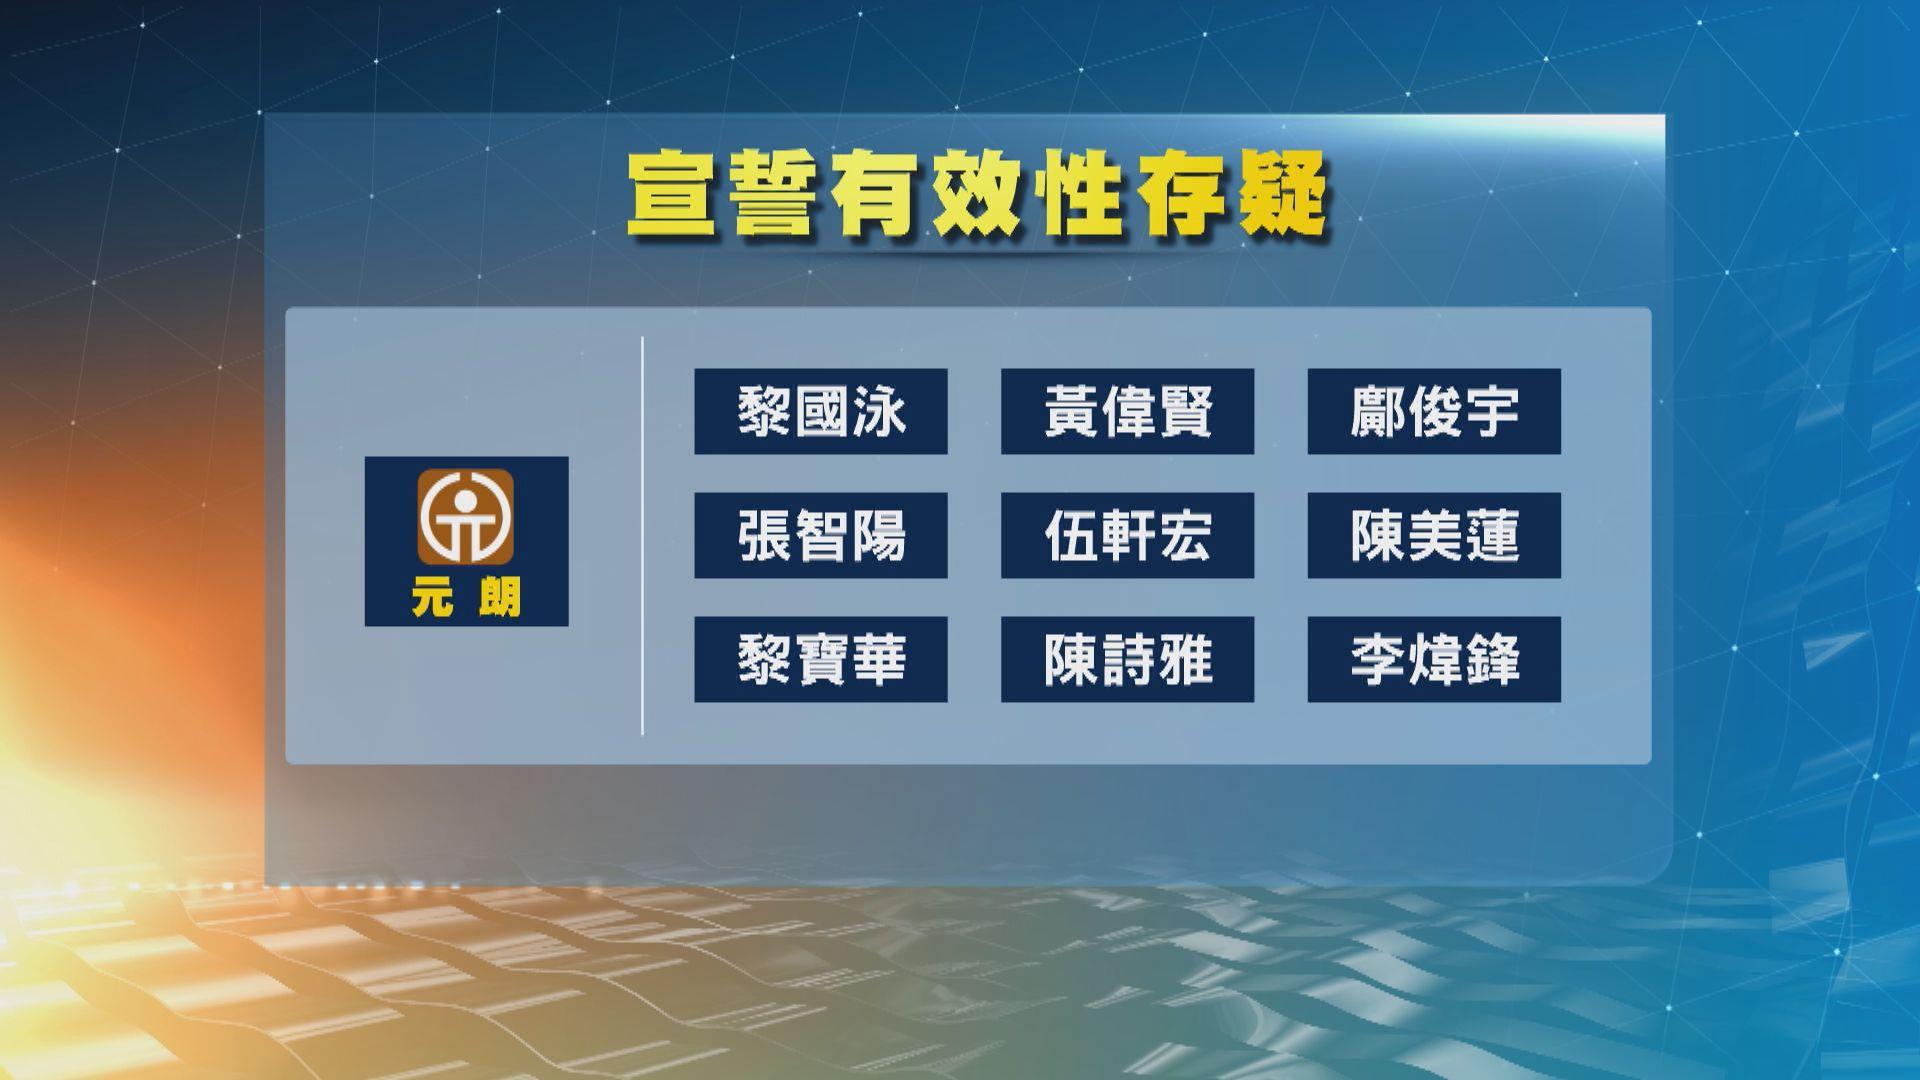 新界西區議員宣誓17人有效性存疑 包括鄺俊宇